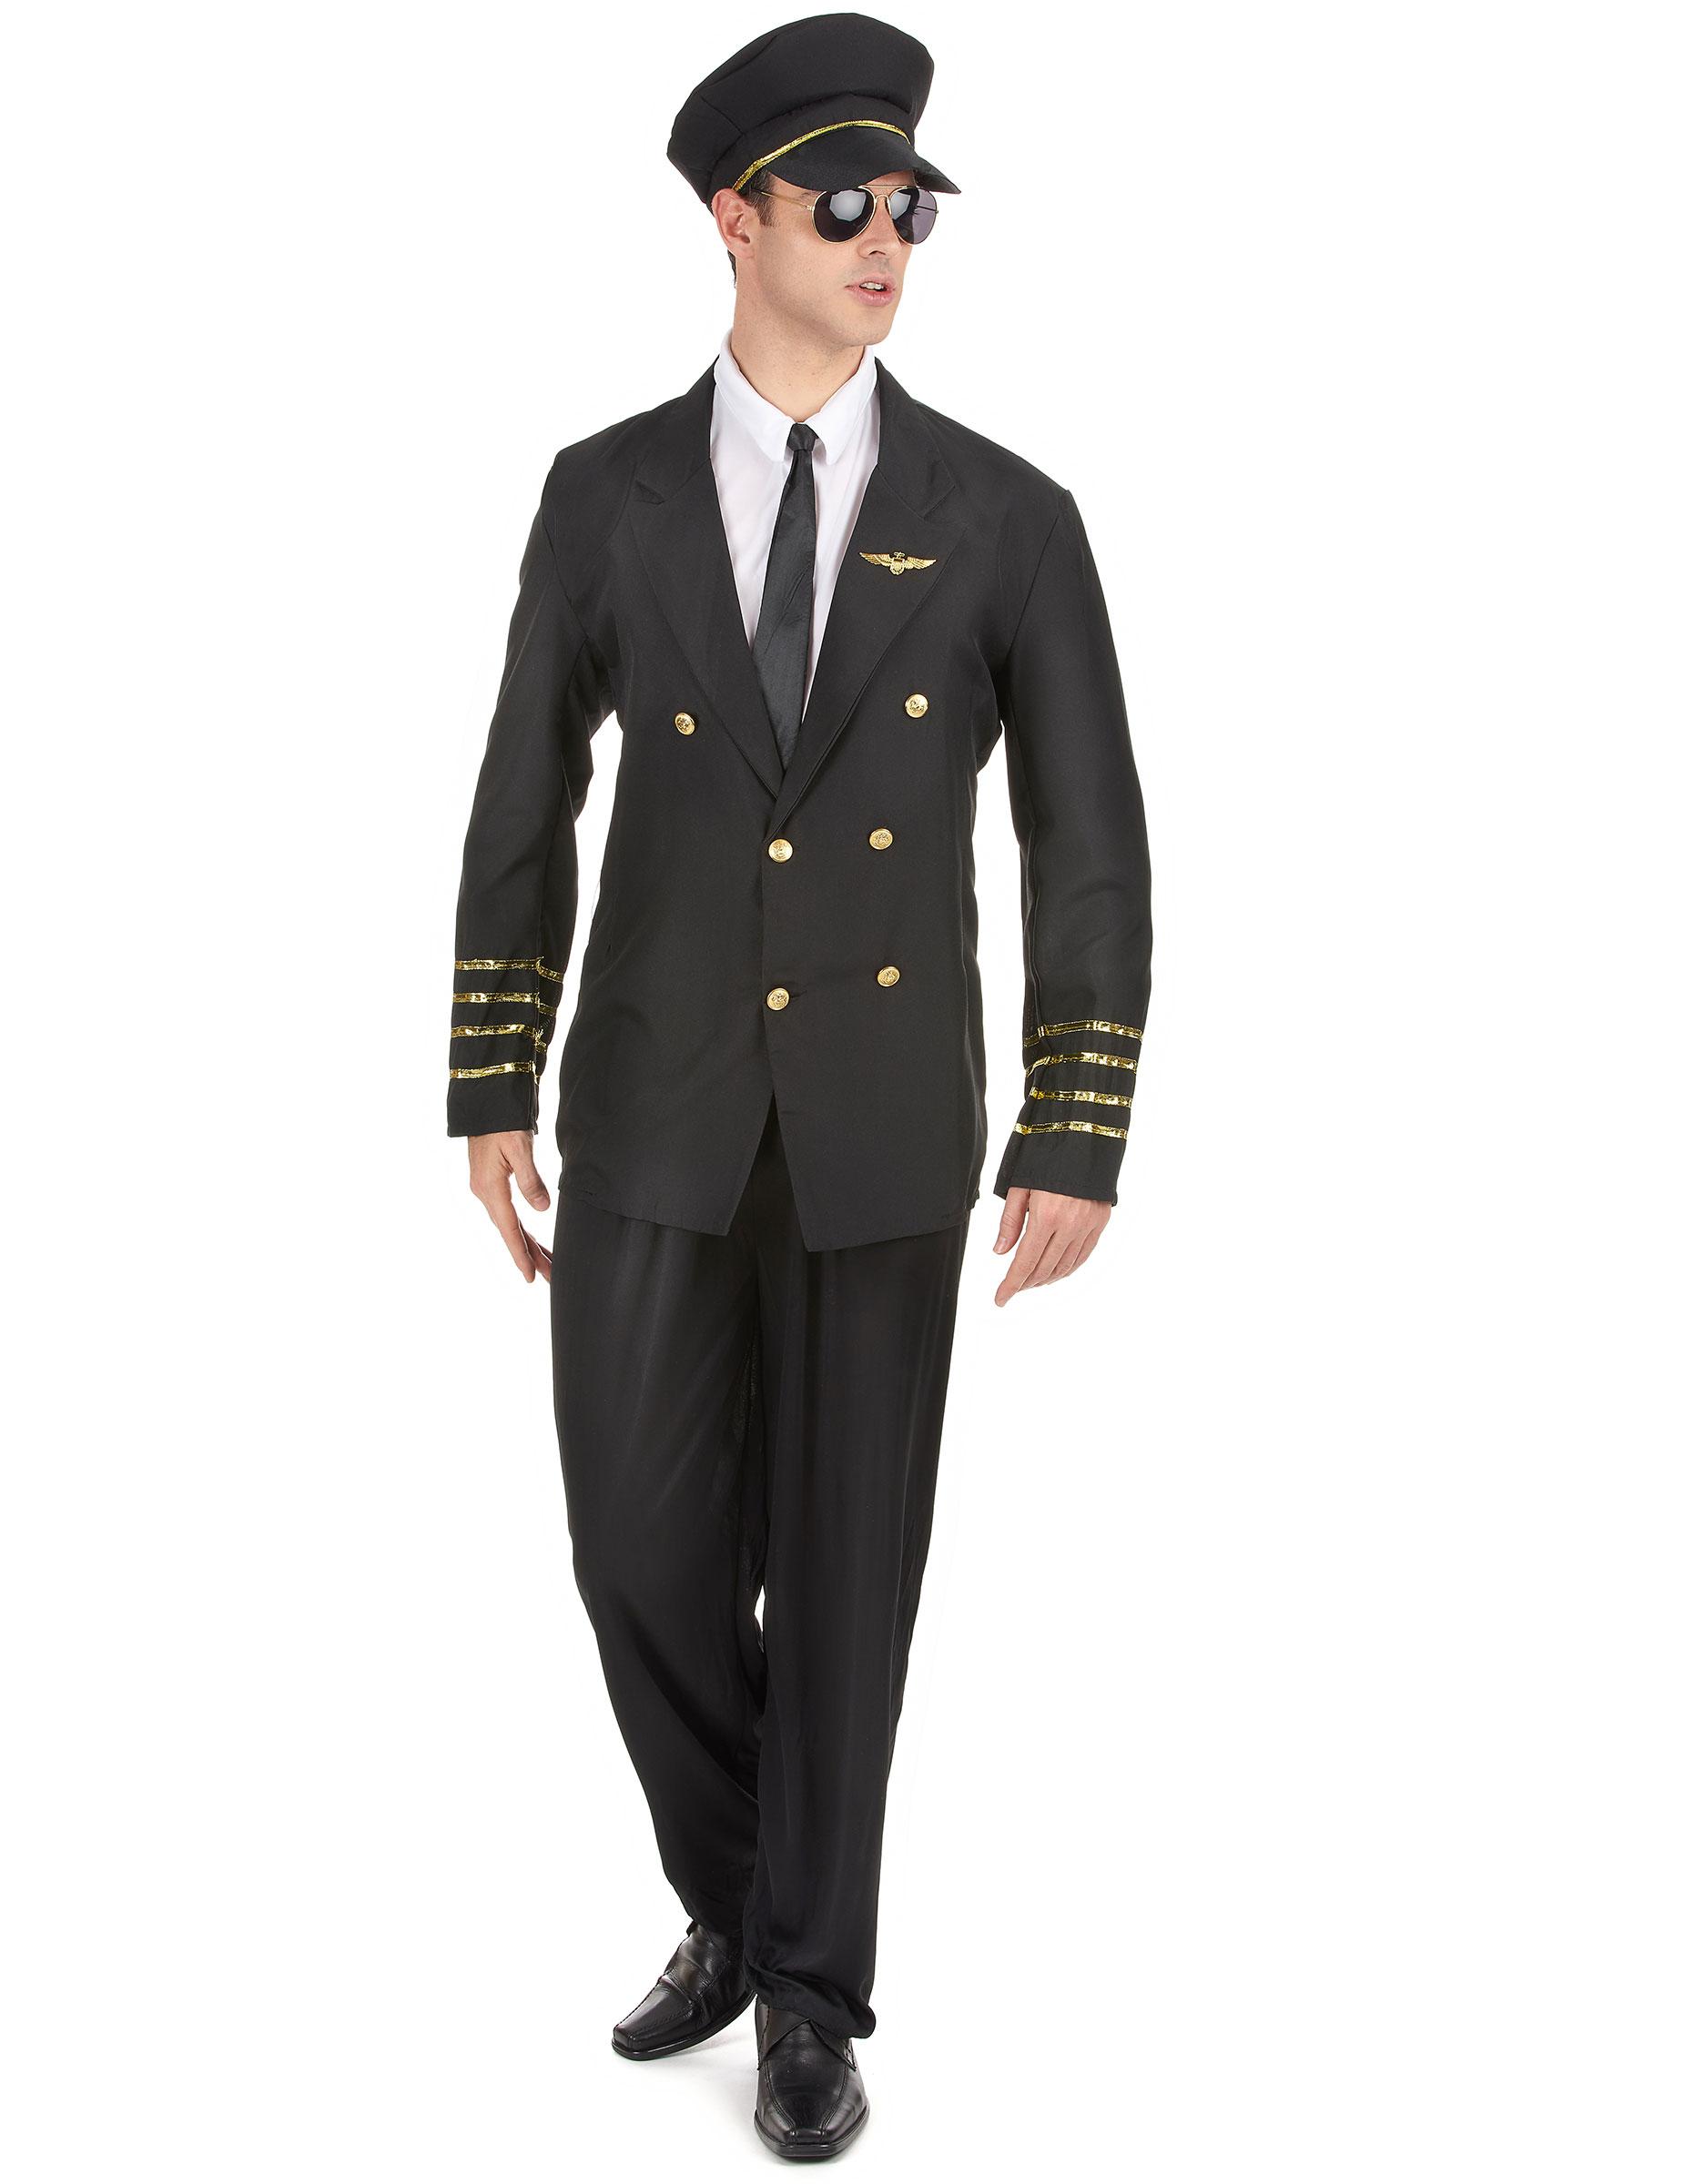 Kapitän Kostüm für Herren - M 68734